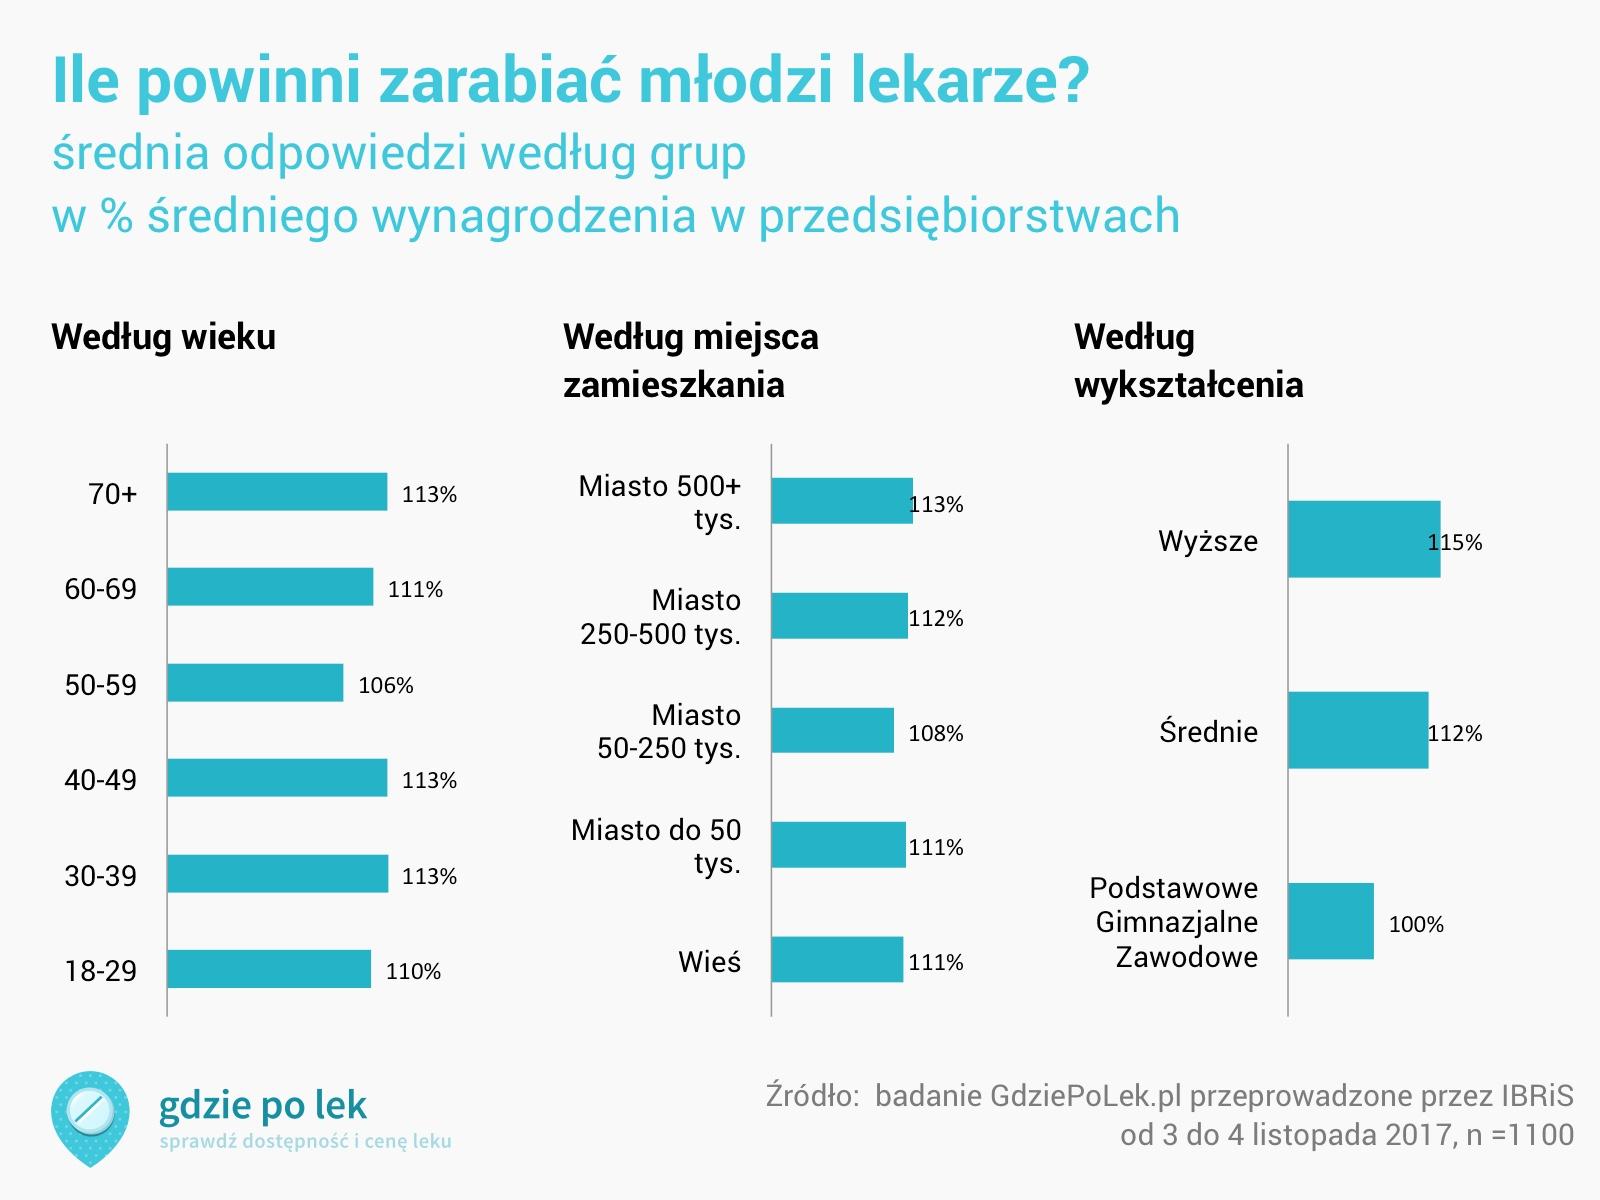 wykres odpowiedzi według grup: według wieku przedział od 106 do 113% średniego wynagrodzenia, według zamieszkania od 108 do 113%, według wykształcenia od 100 do 115%